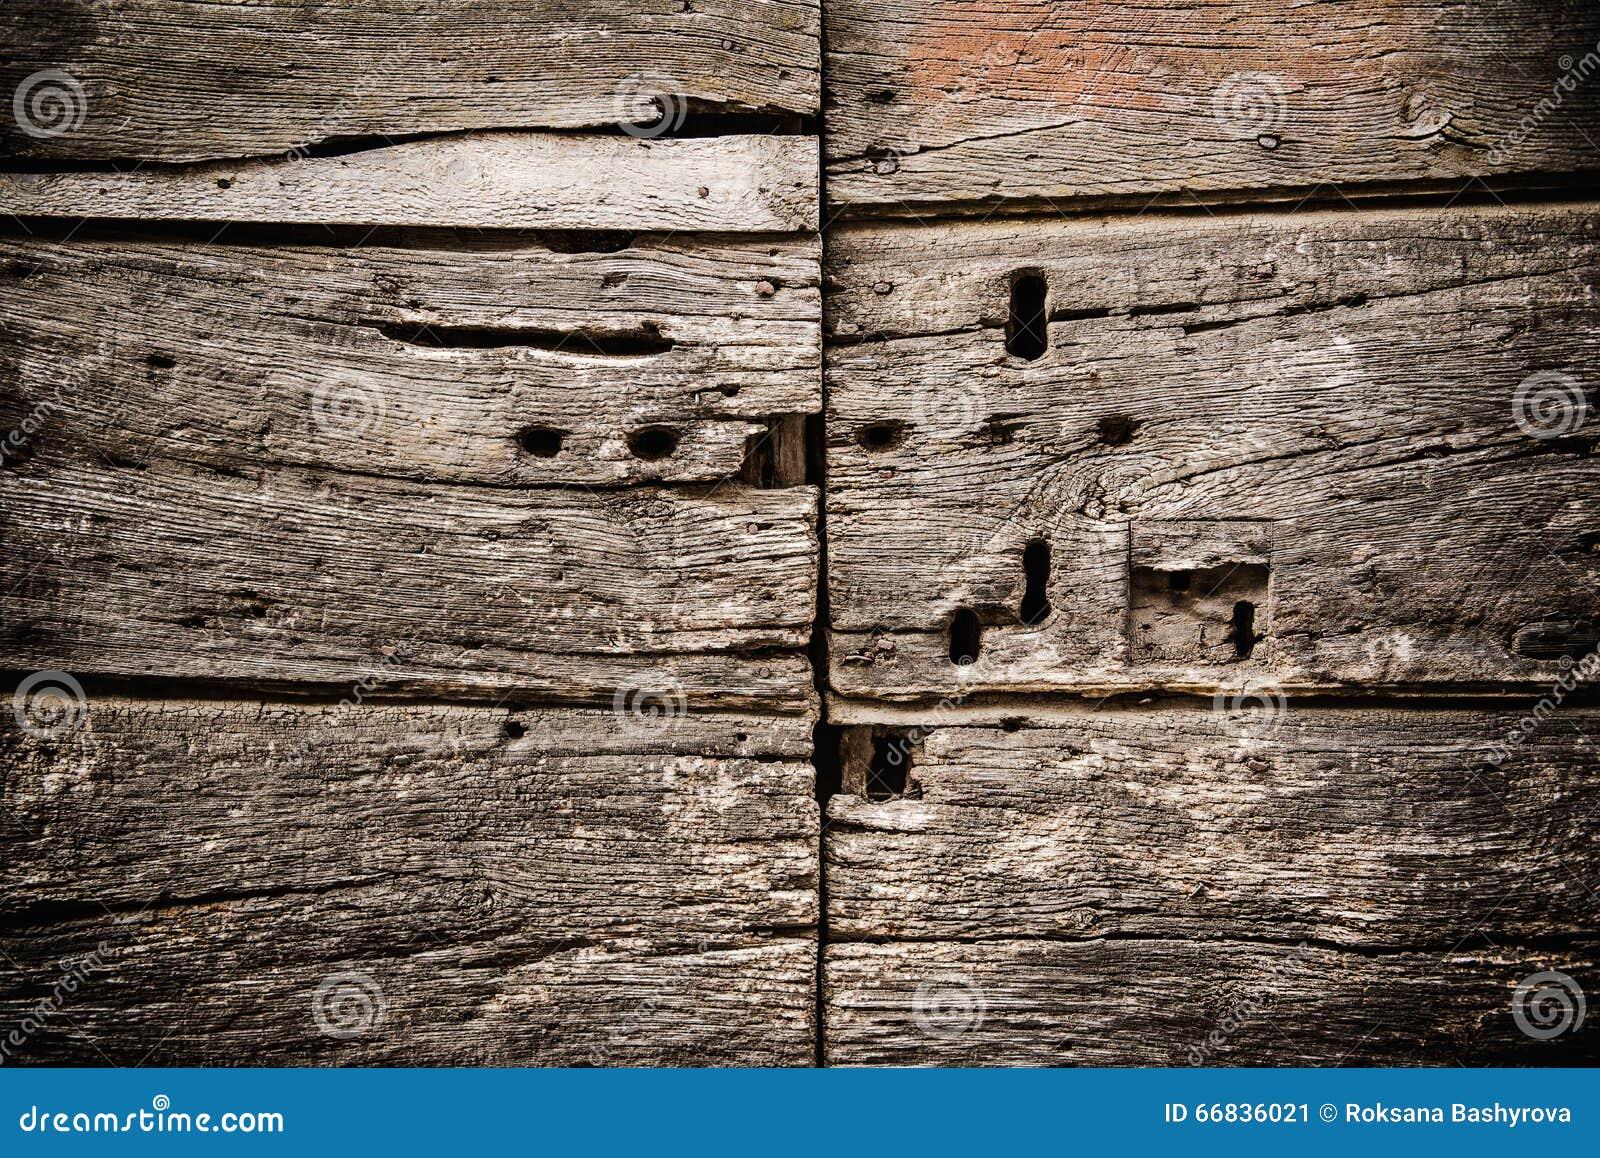 Vieille porte avec des trous de la serrure photo stock image 66836021 - Vieille porte de ferme ...